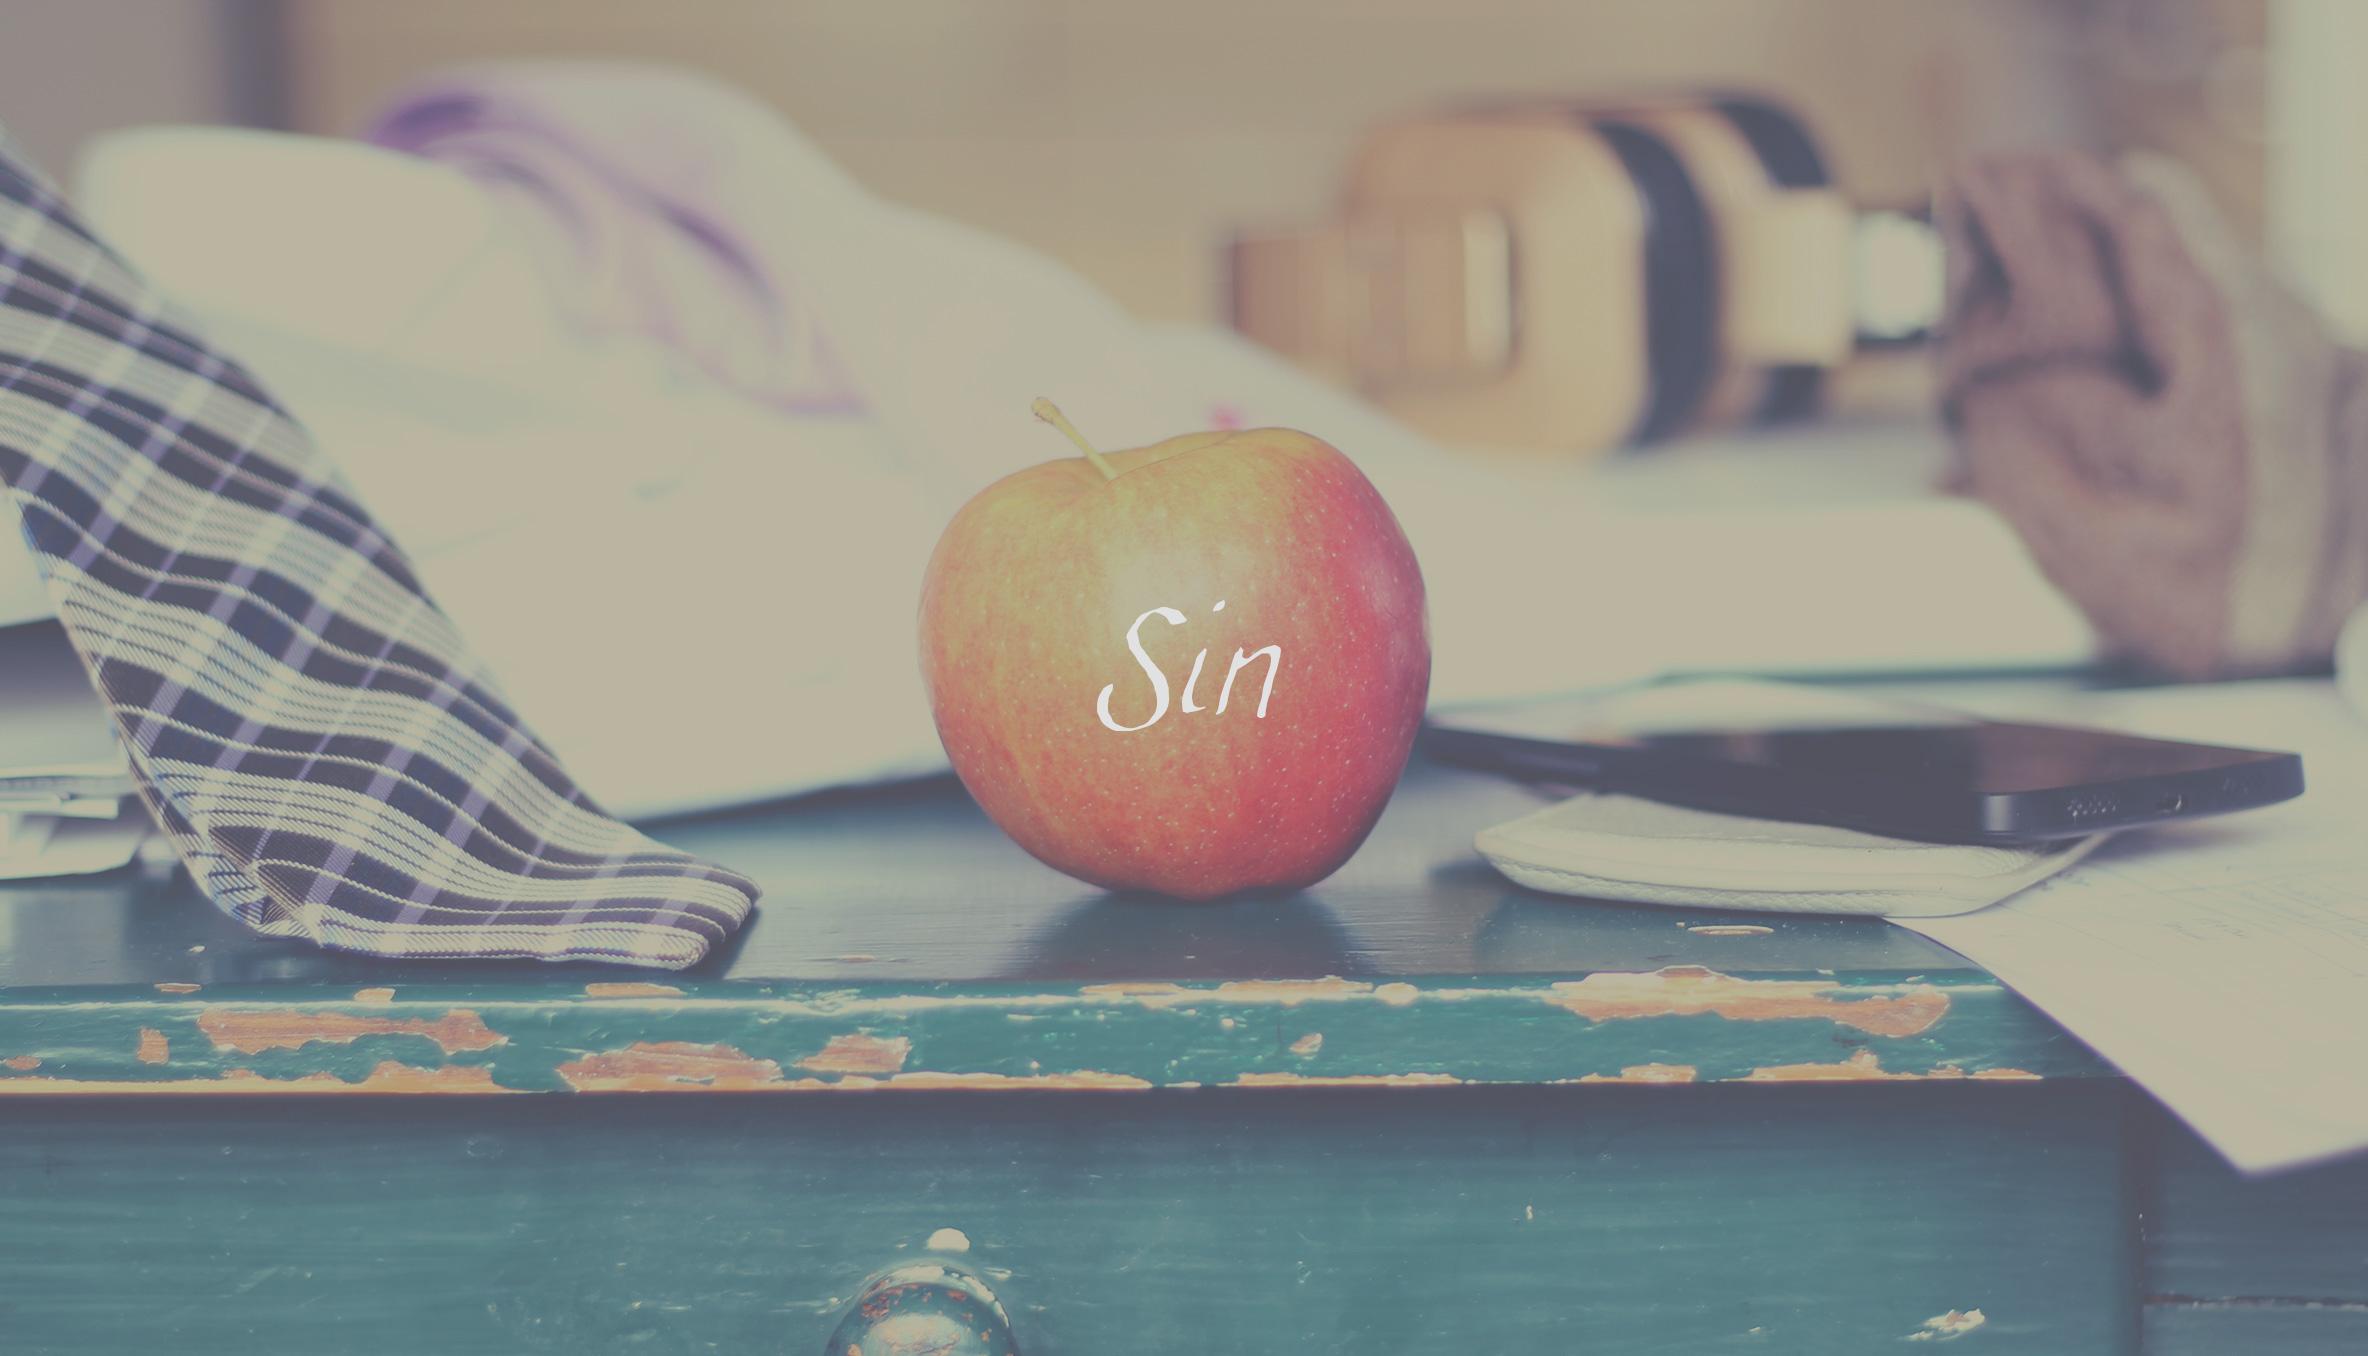 SIN - New Identity Magazine